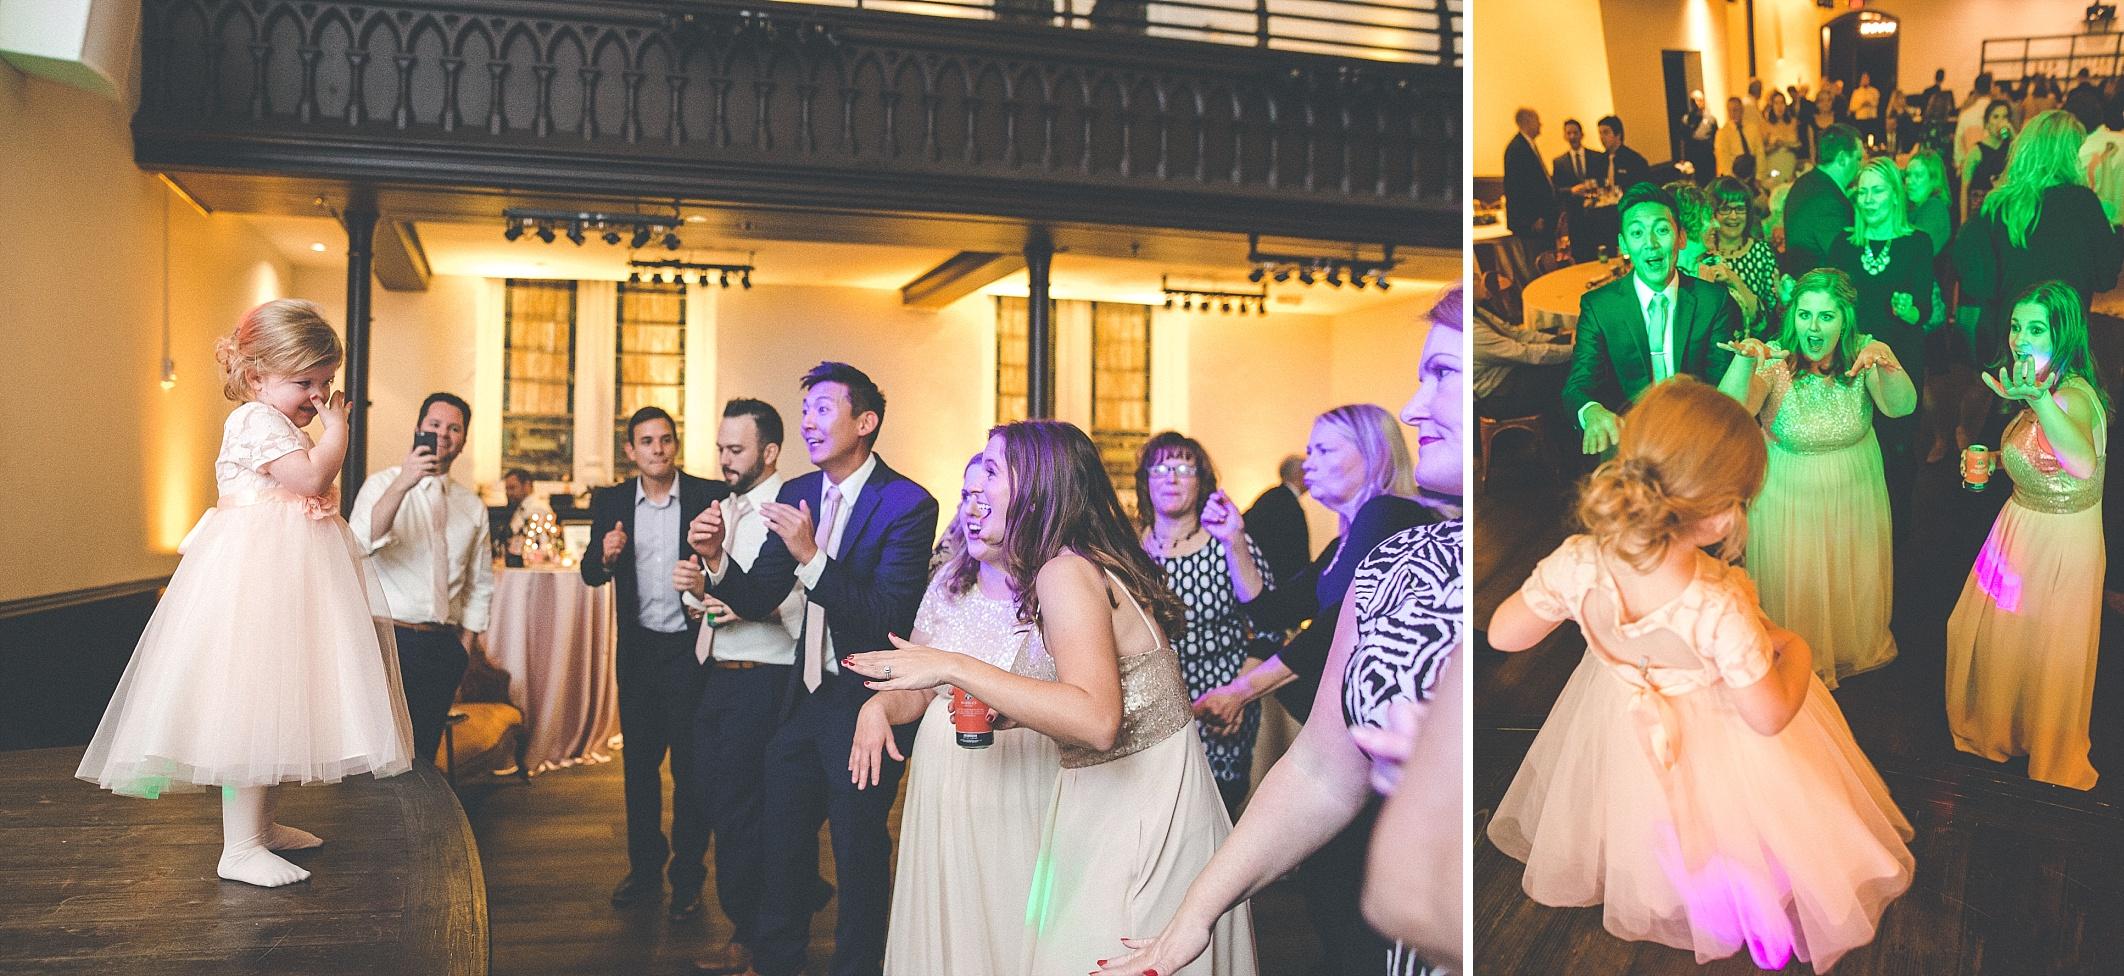 hilary-aaron-cincinnati-trancept-wedding-photographer-dayton-ohio_0057.jpg